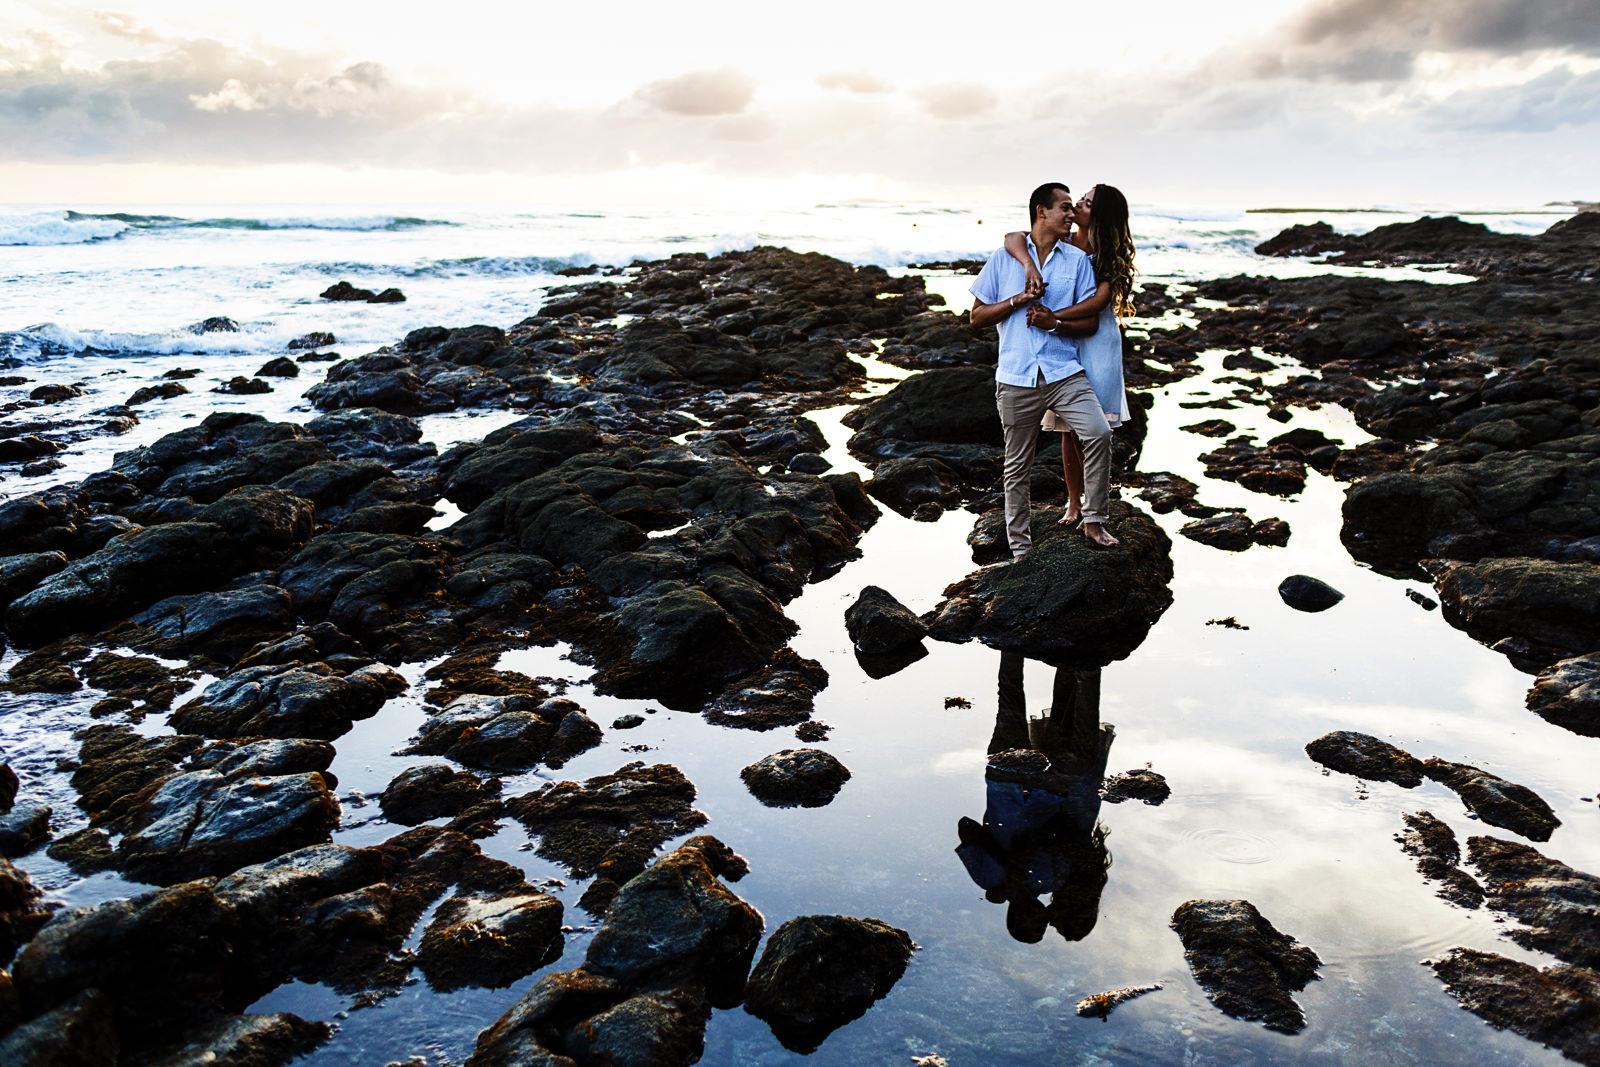 Pareja parada en una roca entre el agua reflejante en la playa La Lancha, Riviera Nayarit, sesión casual